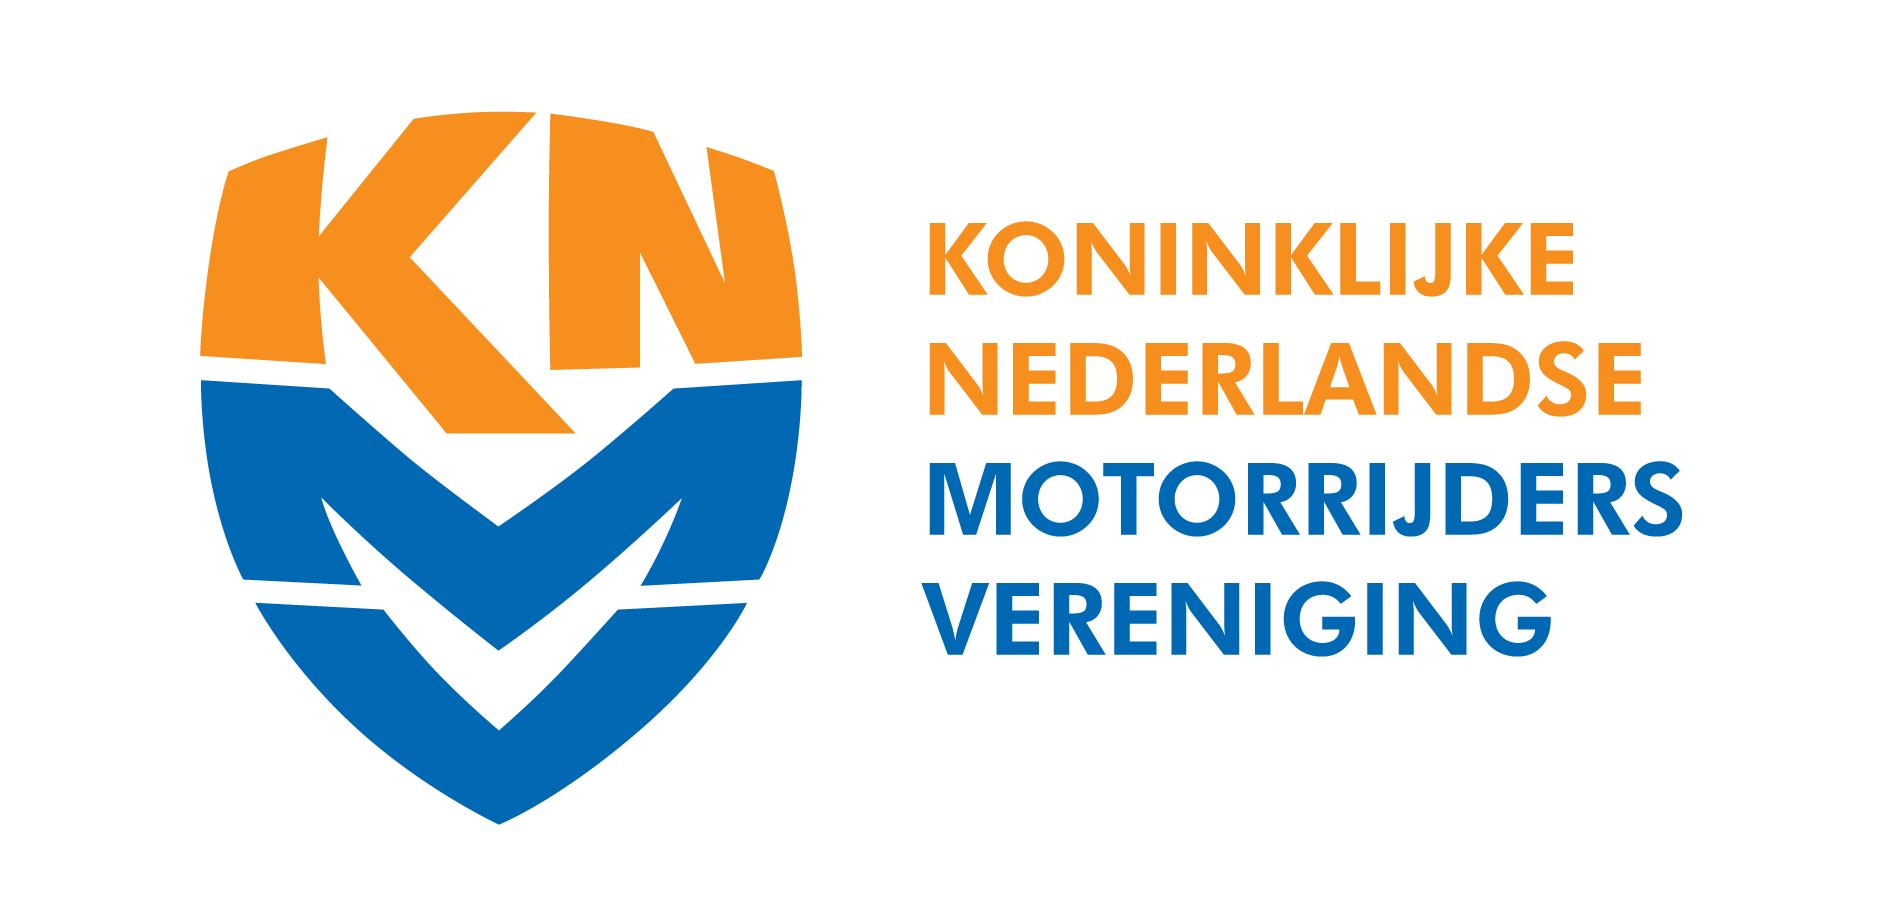 KNMV Koninklijke Nederlandse Motorrijders Vereniging